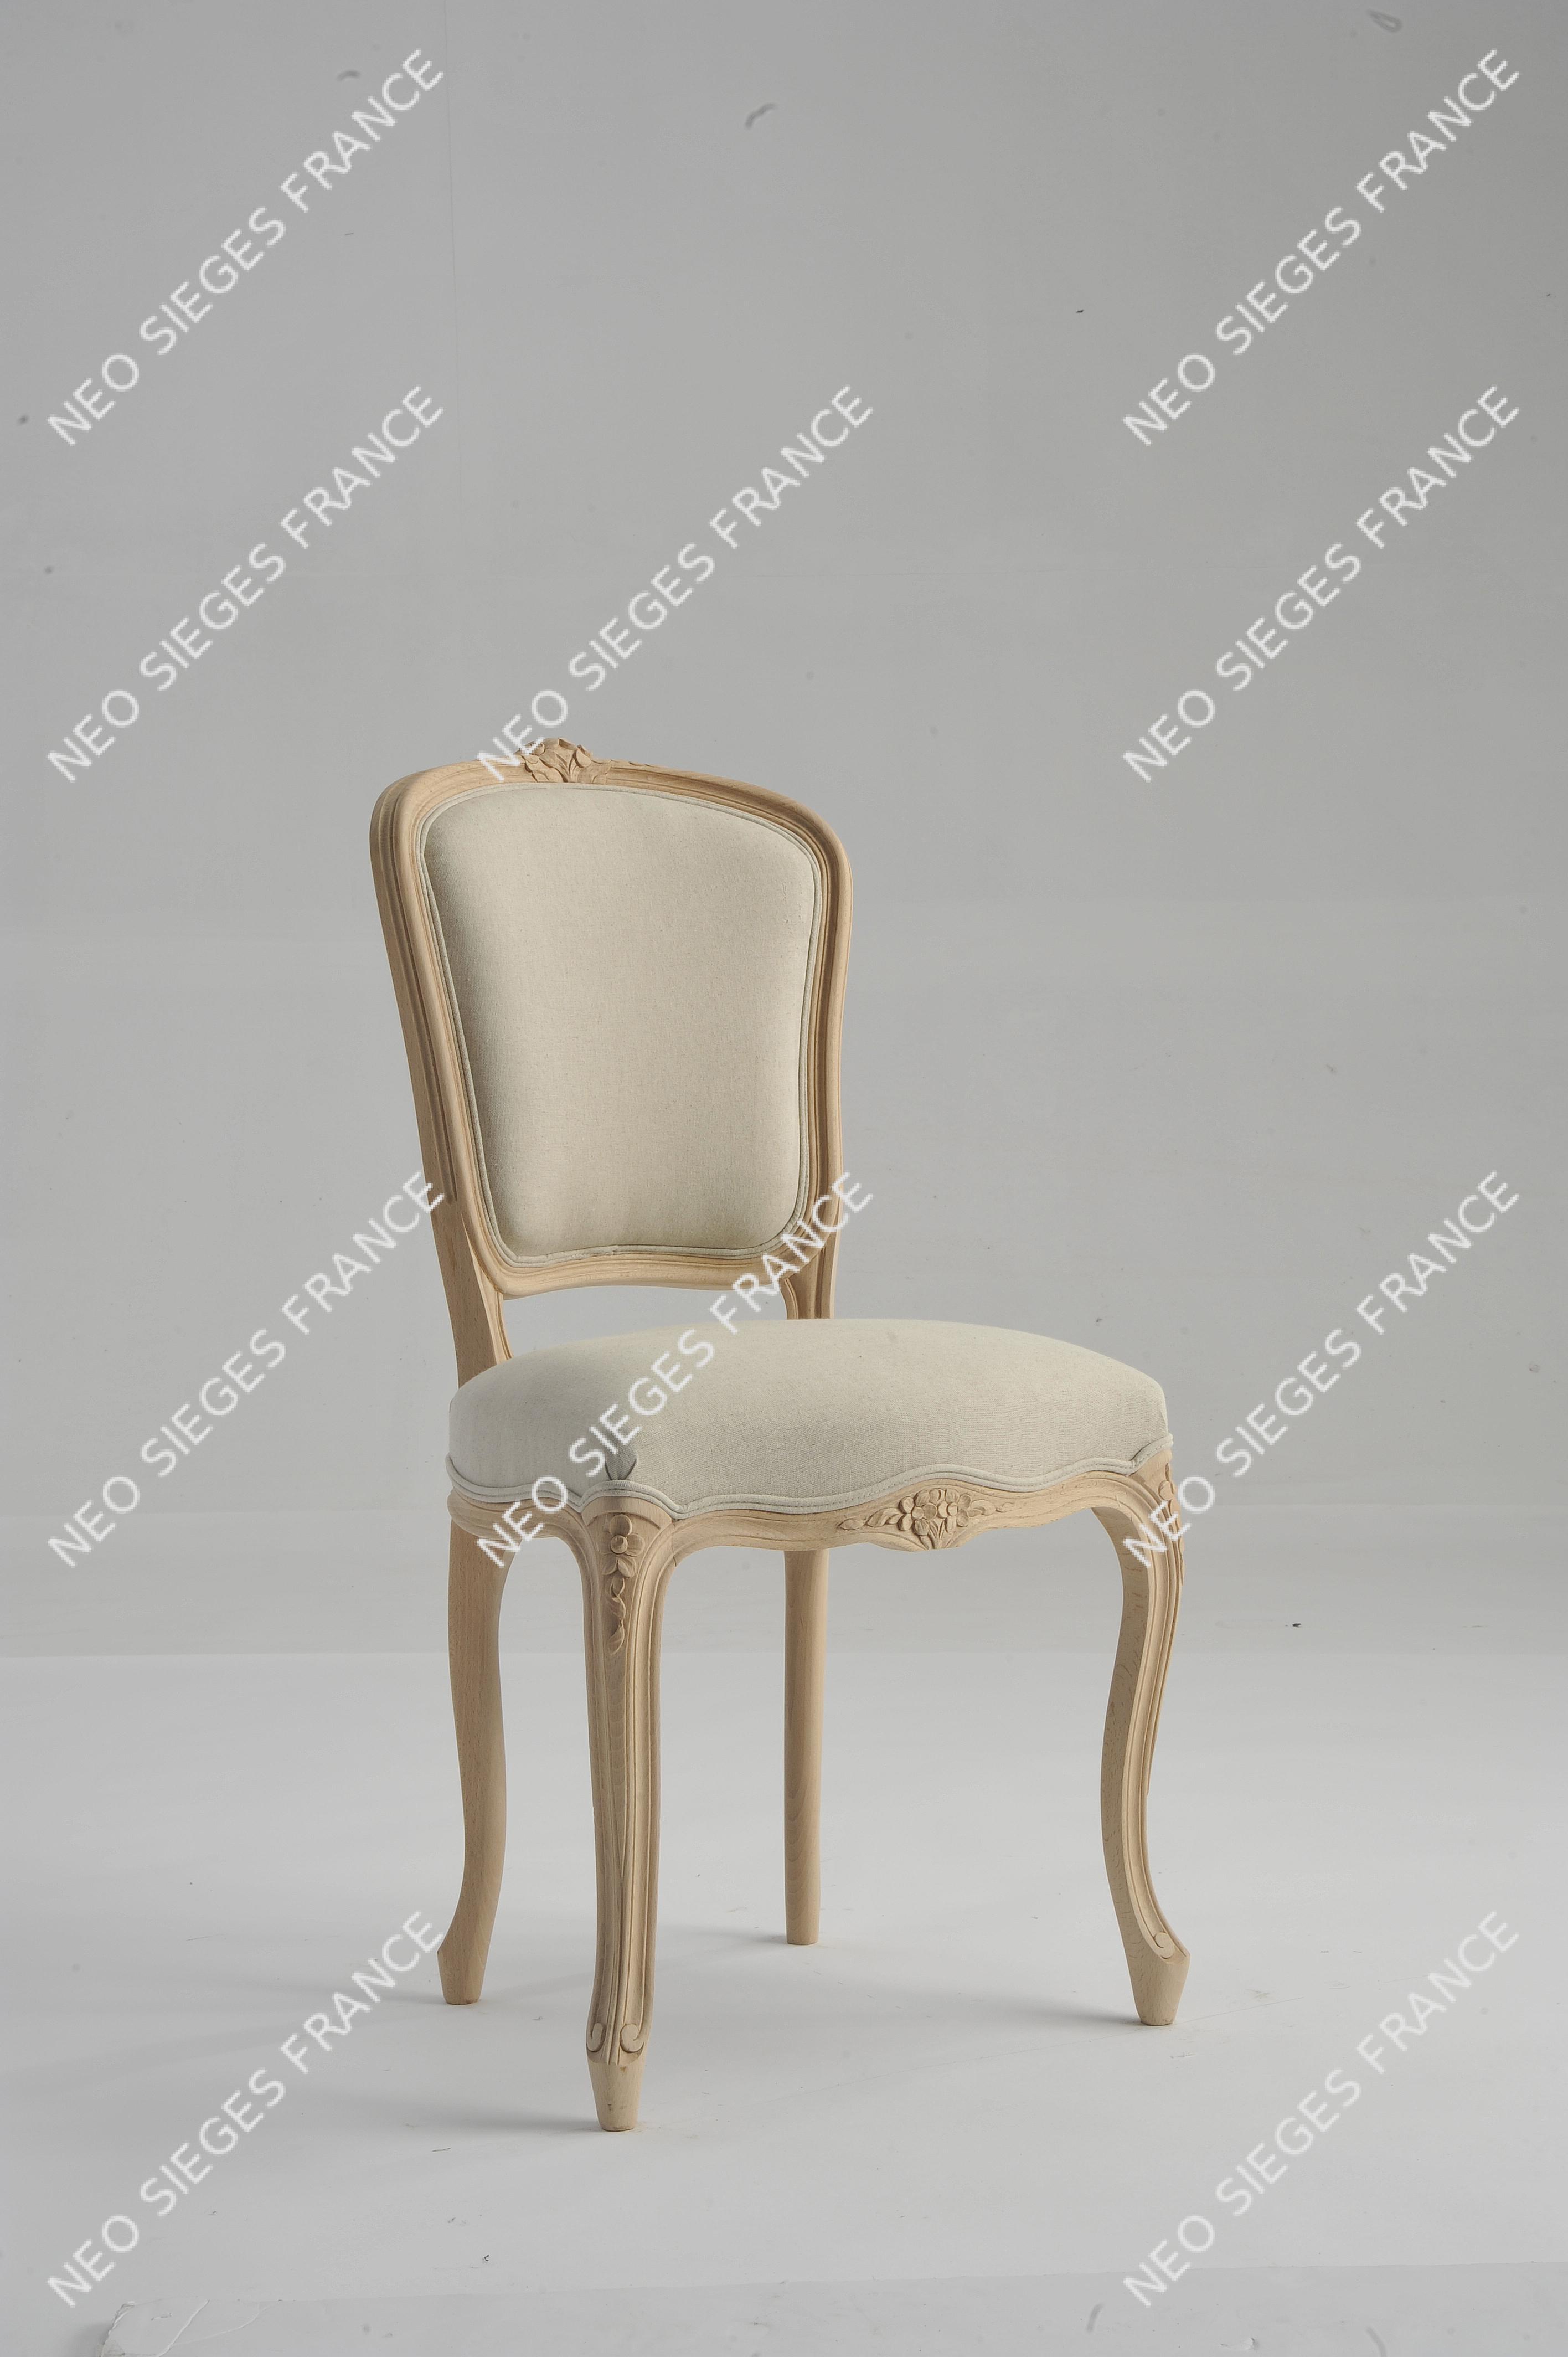 Chaise réf. 1621 Louis XV fleurettes garnie en blanc lin